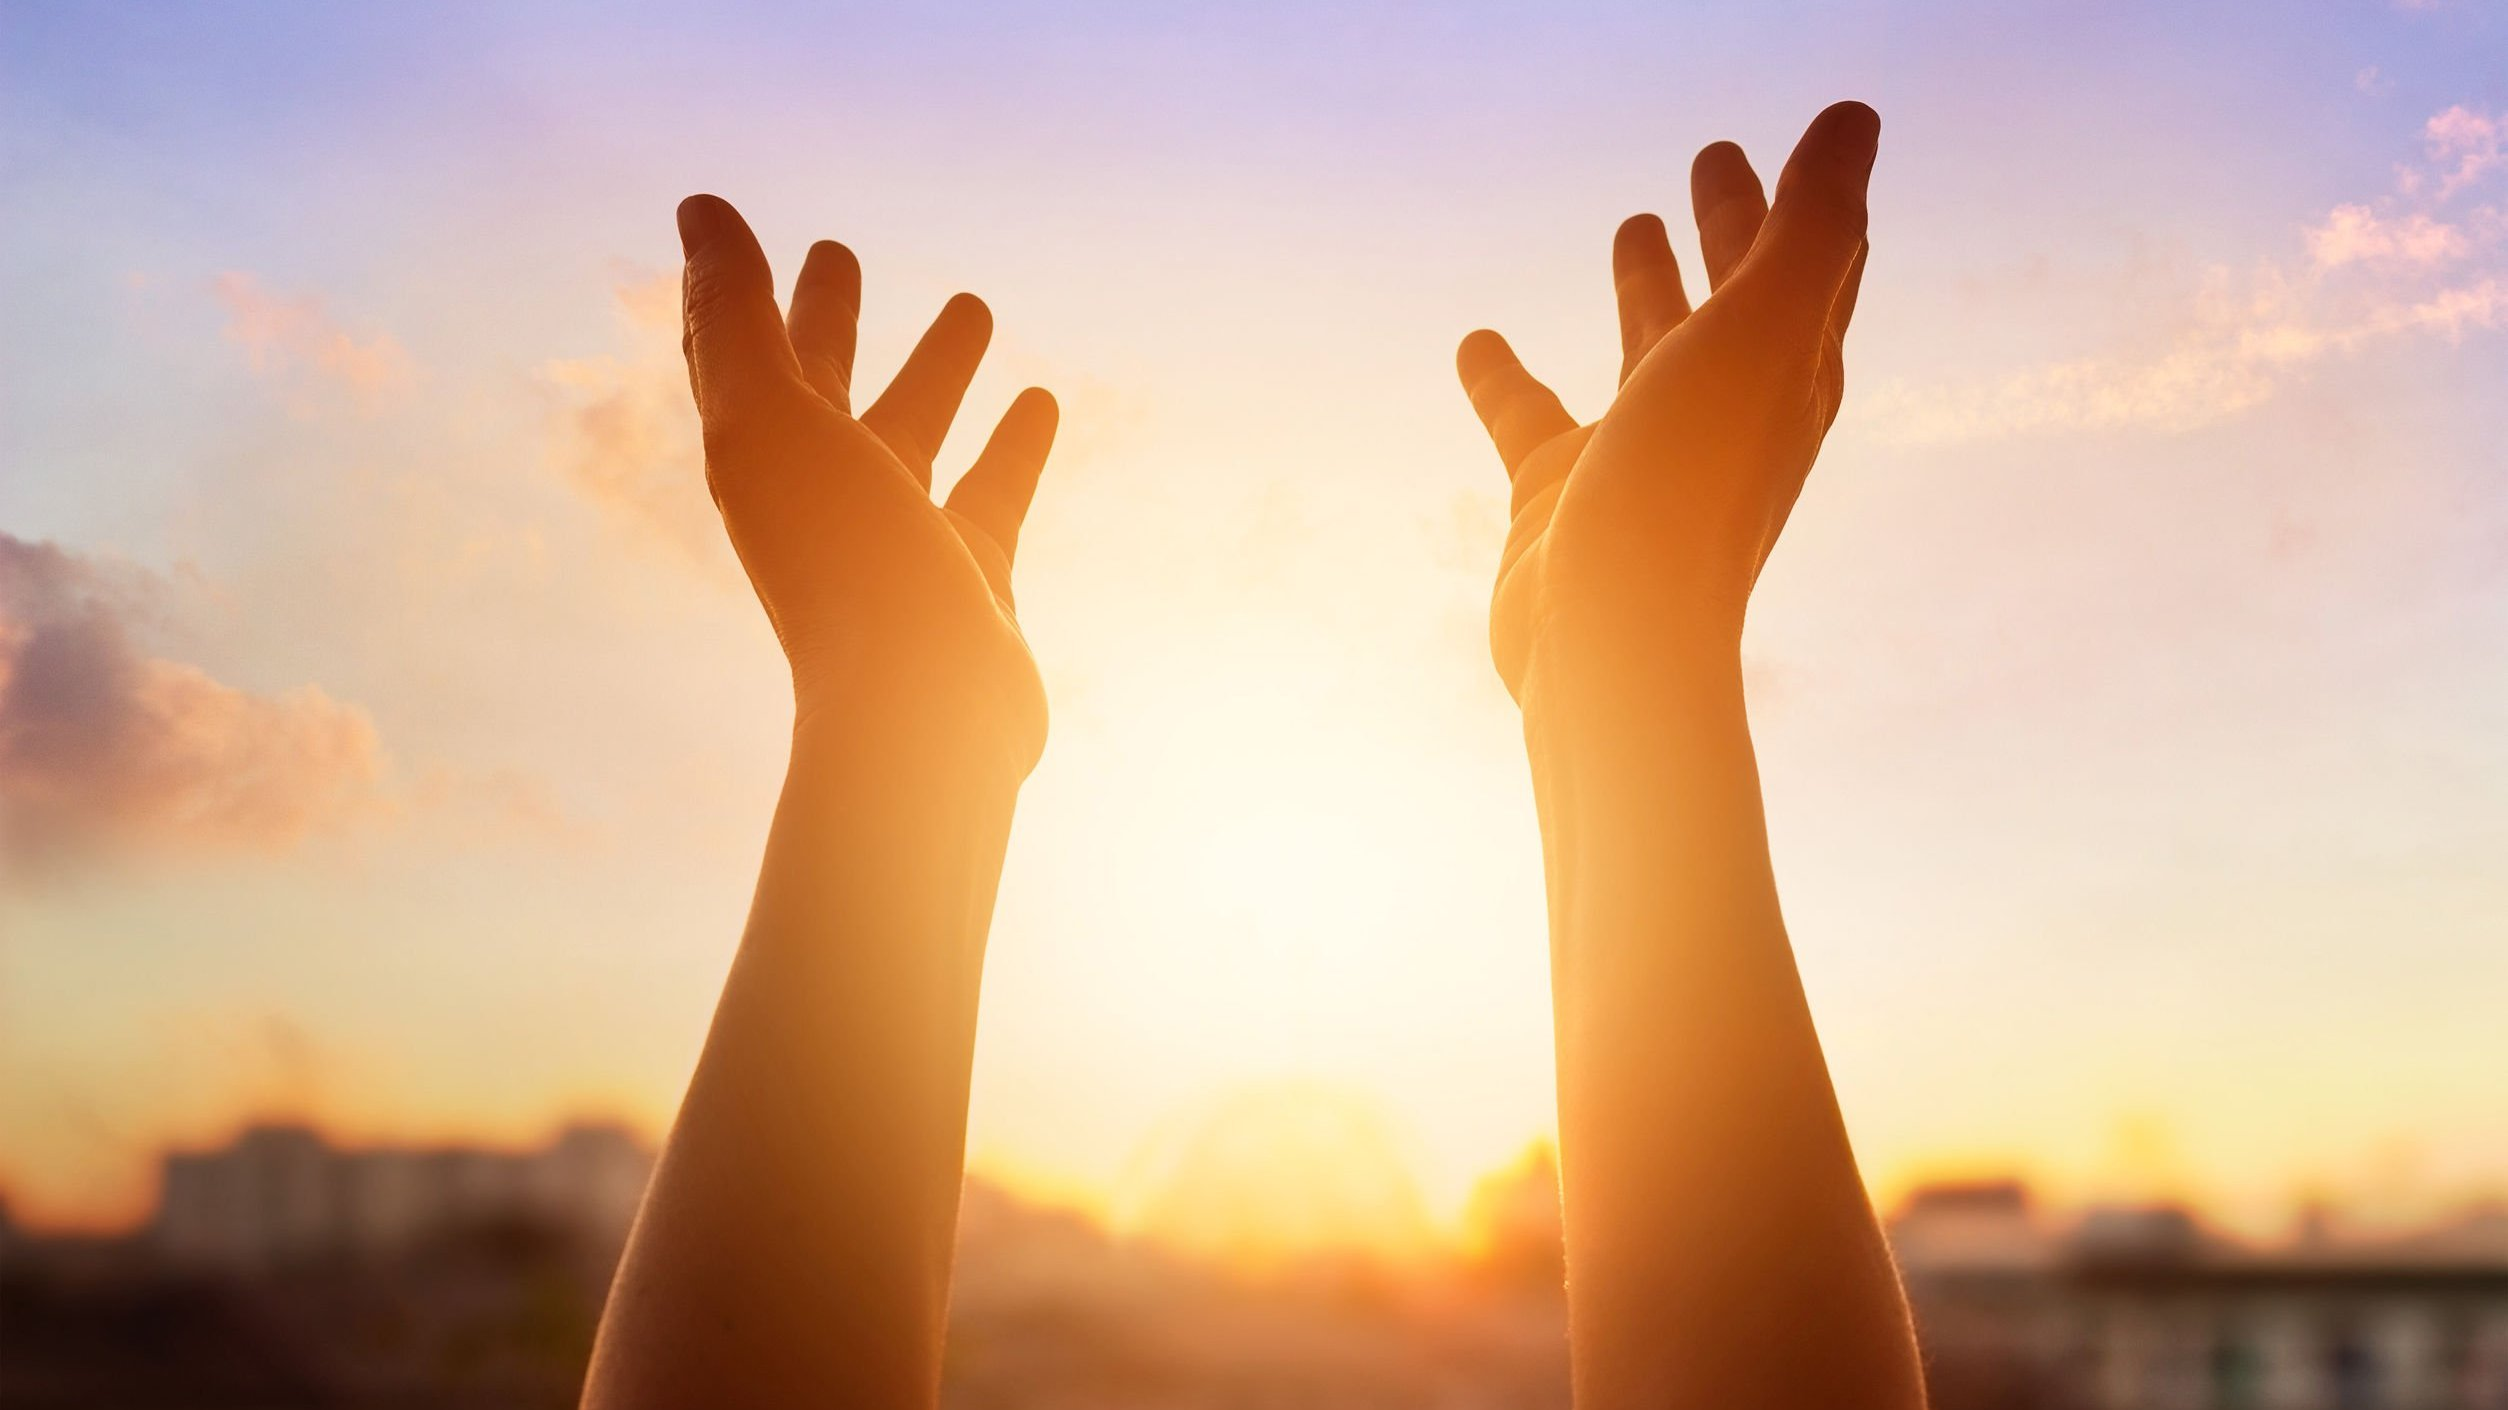 Foto de mãos estendidas para o céu